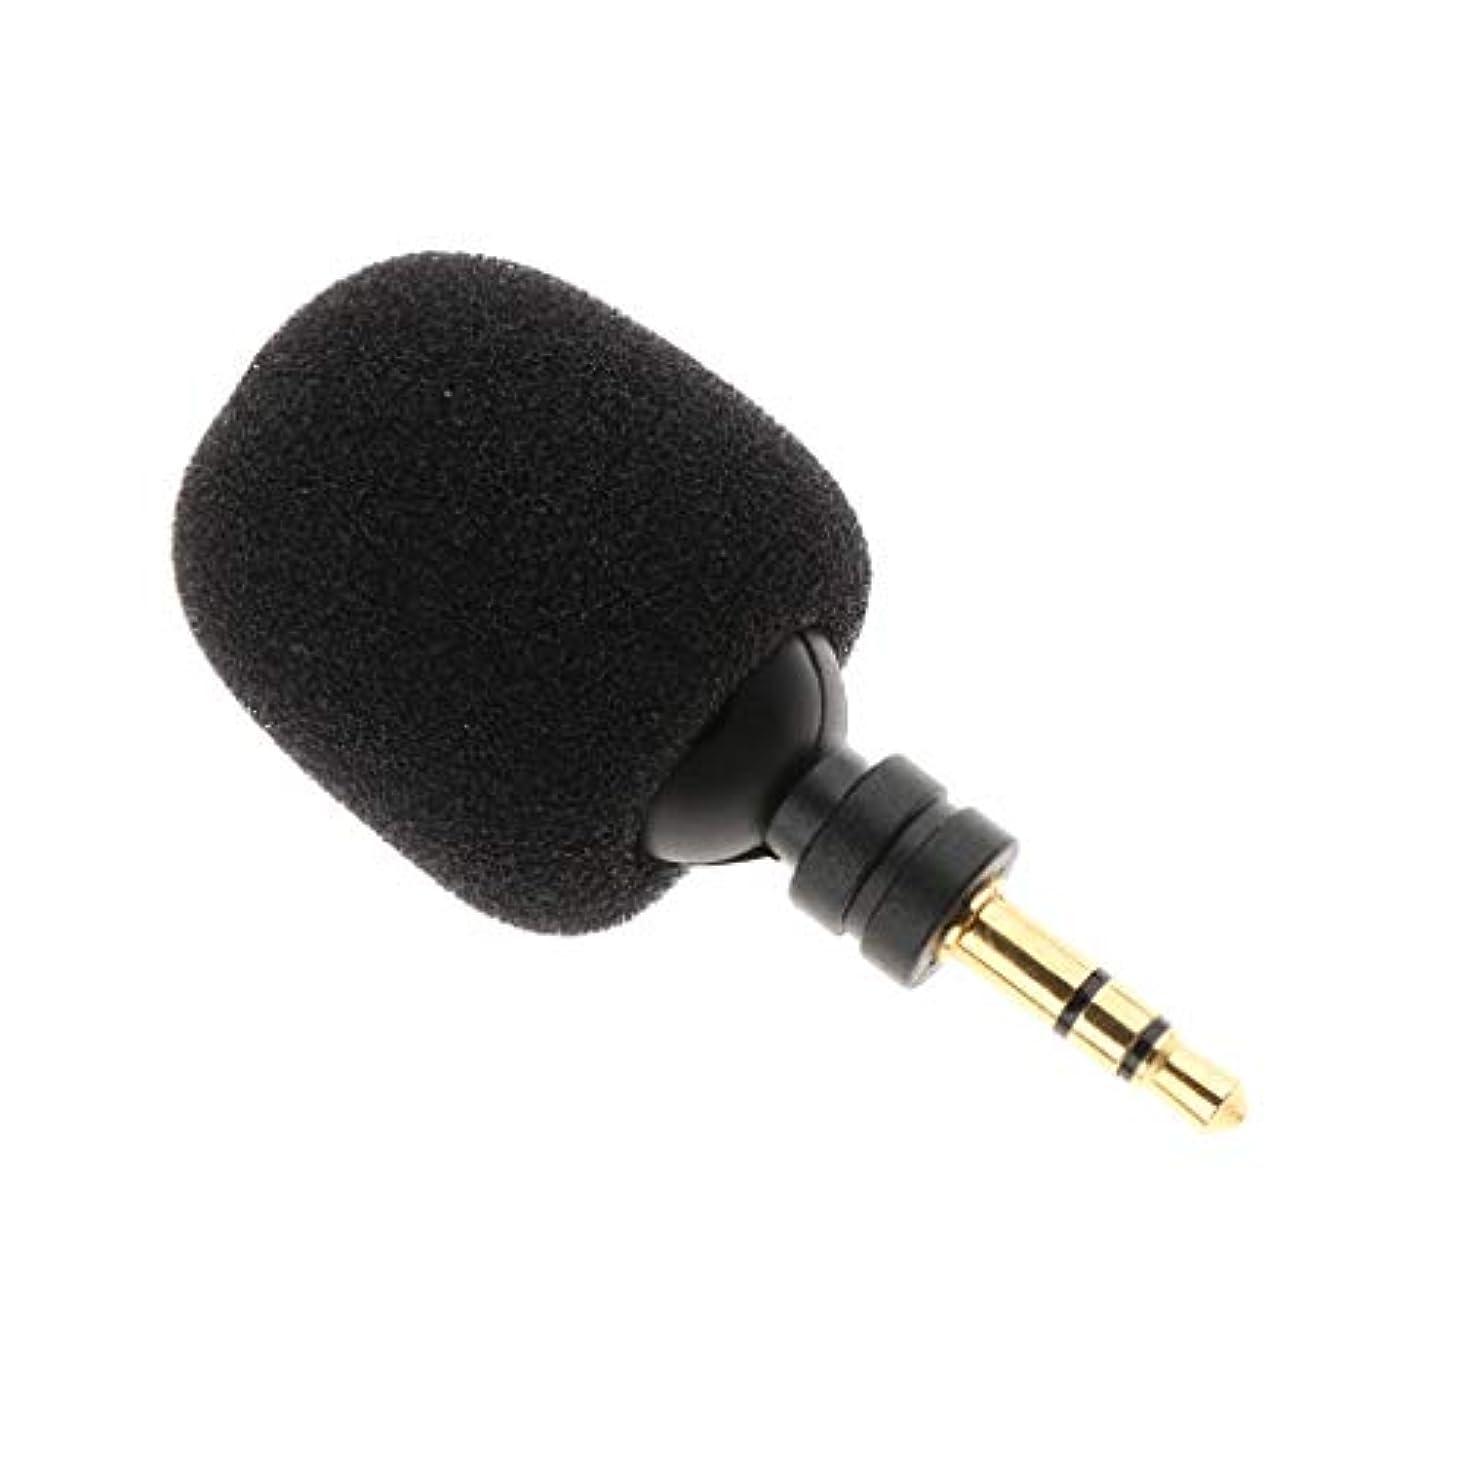 ベルレスリングシェルターF Fityle コンデンサーマイクロホン スピーカーマイク ジャック付き インターネット電話、オンライン会議用全3種 - 3極